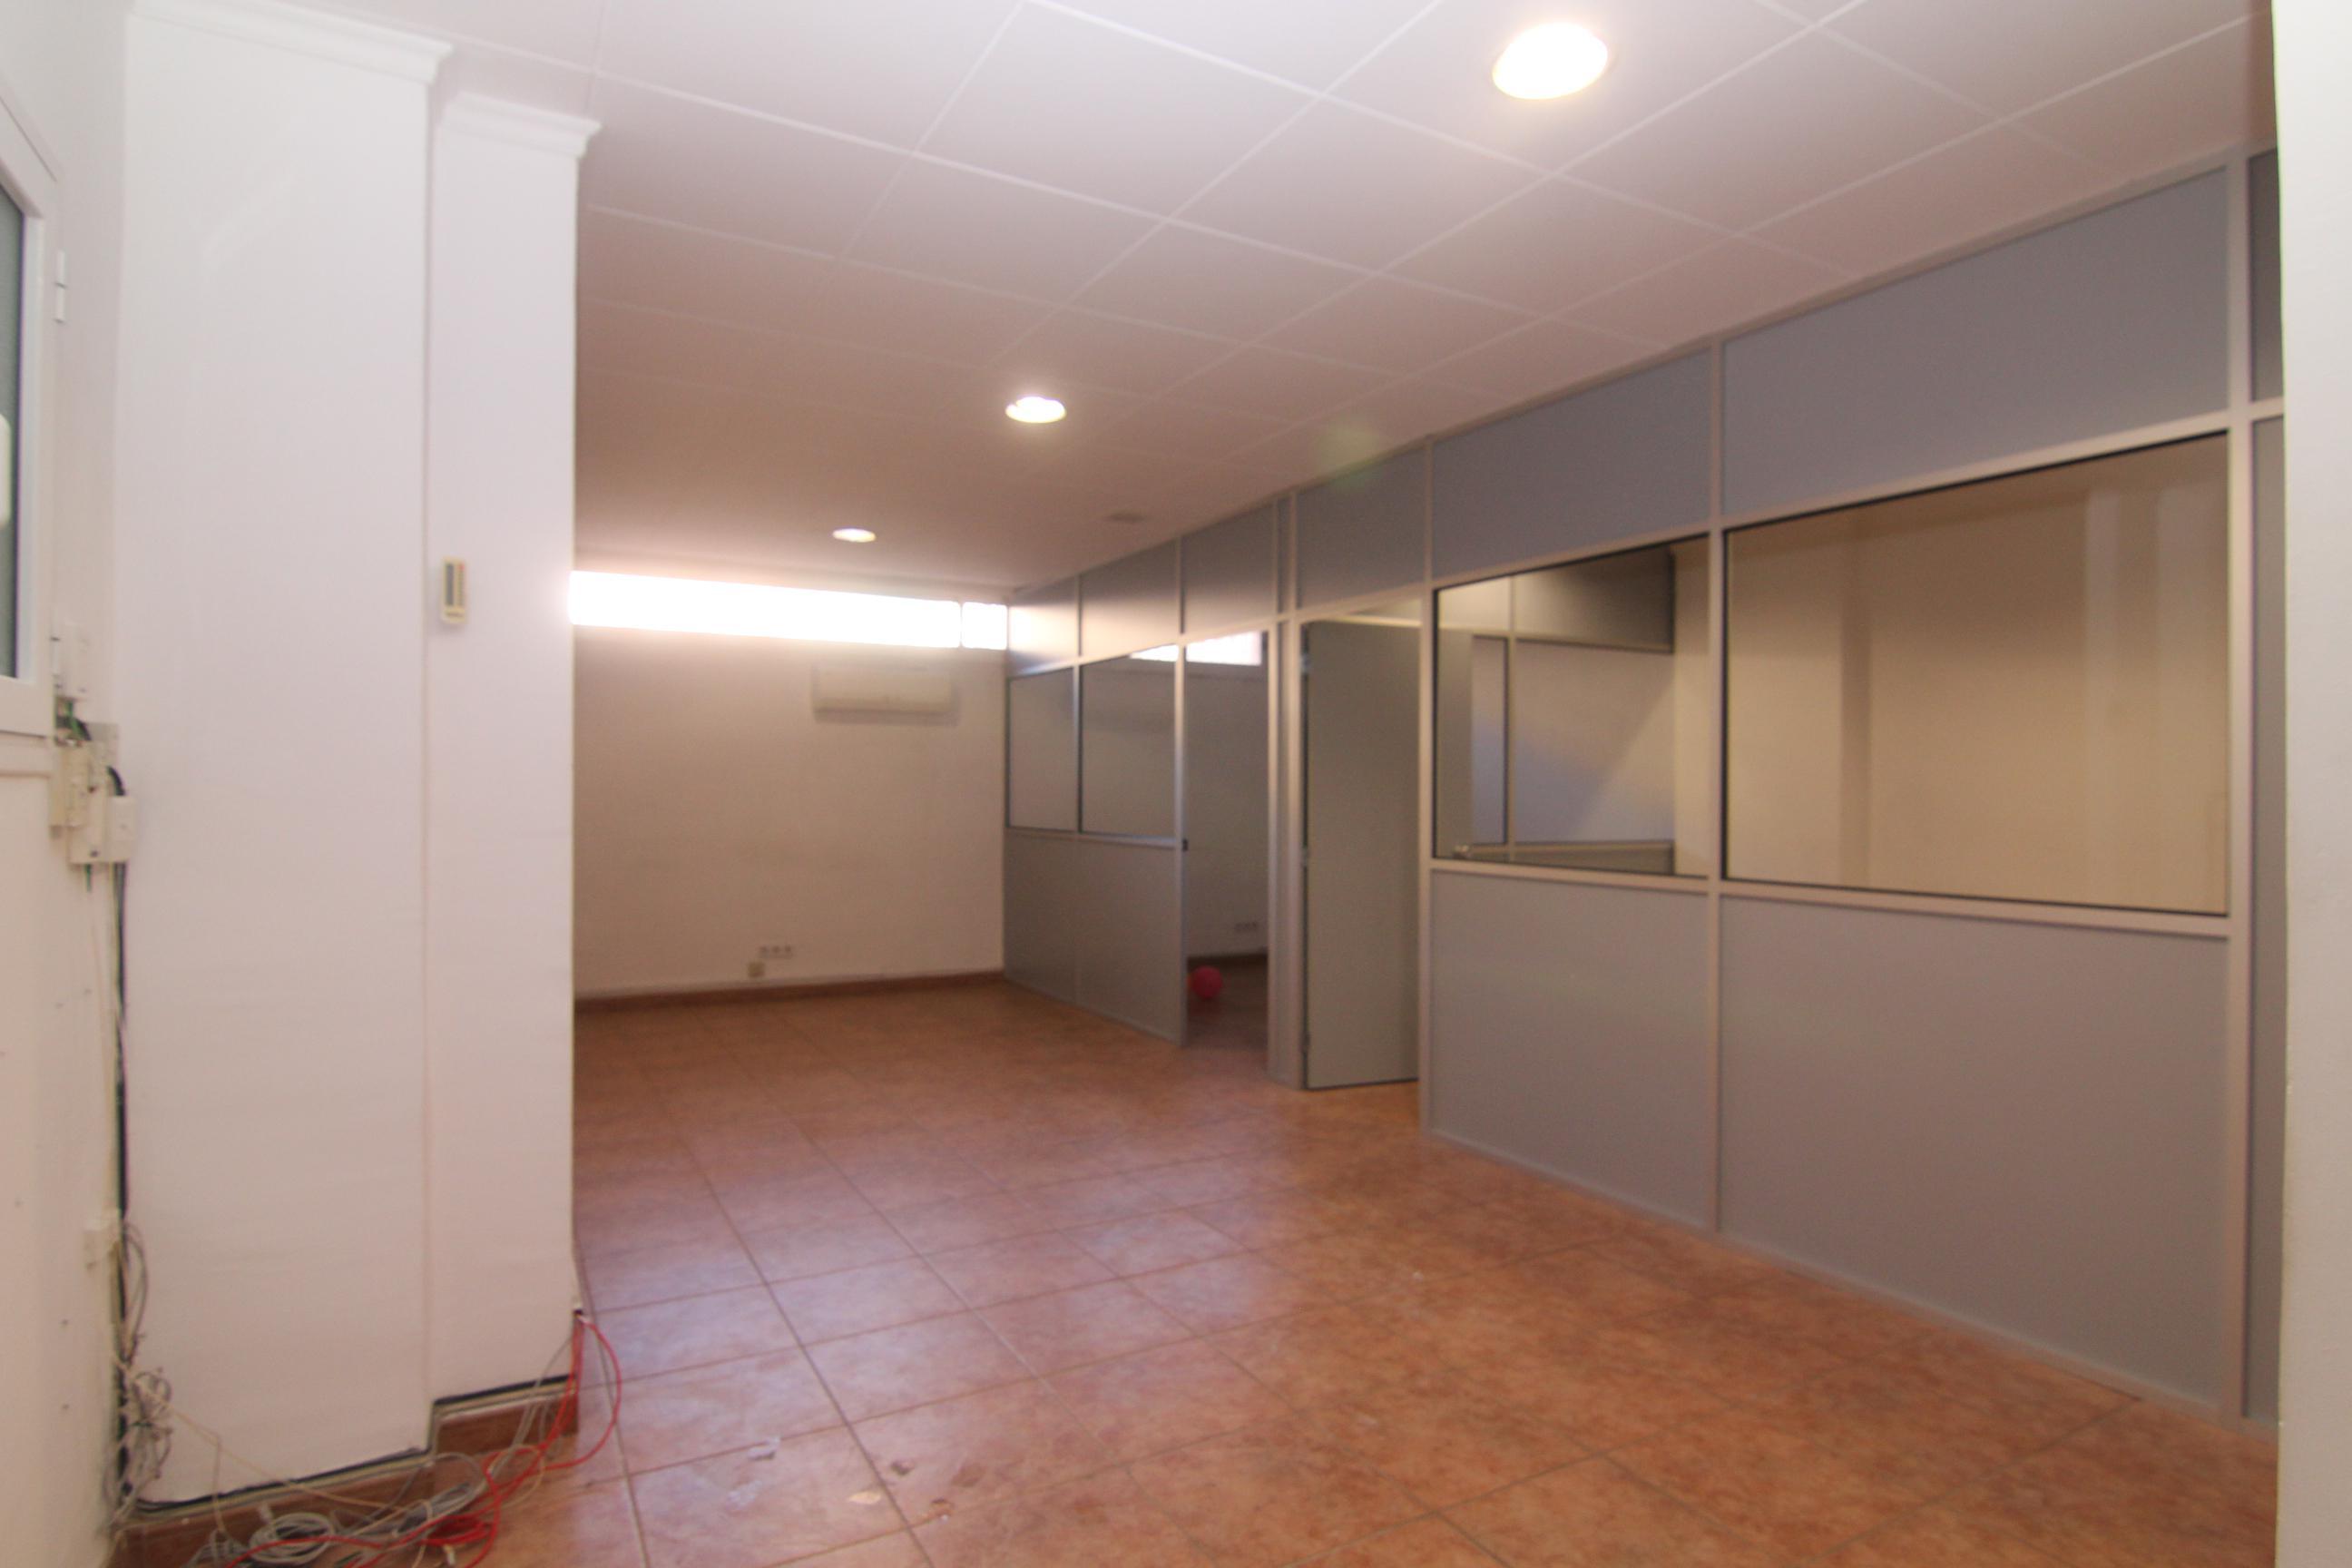 Imagen 4 Oficina Comercial en alquiler en Barcelona / Llull - Rambla Prim